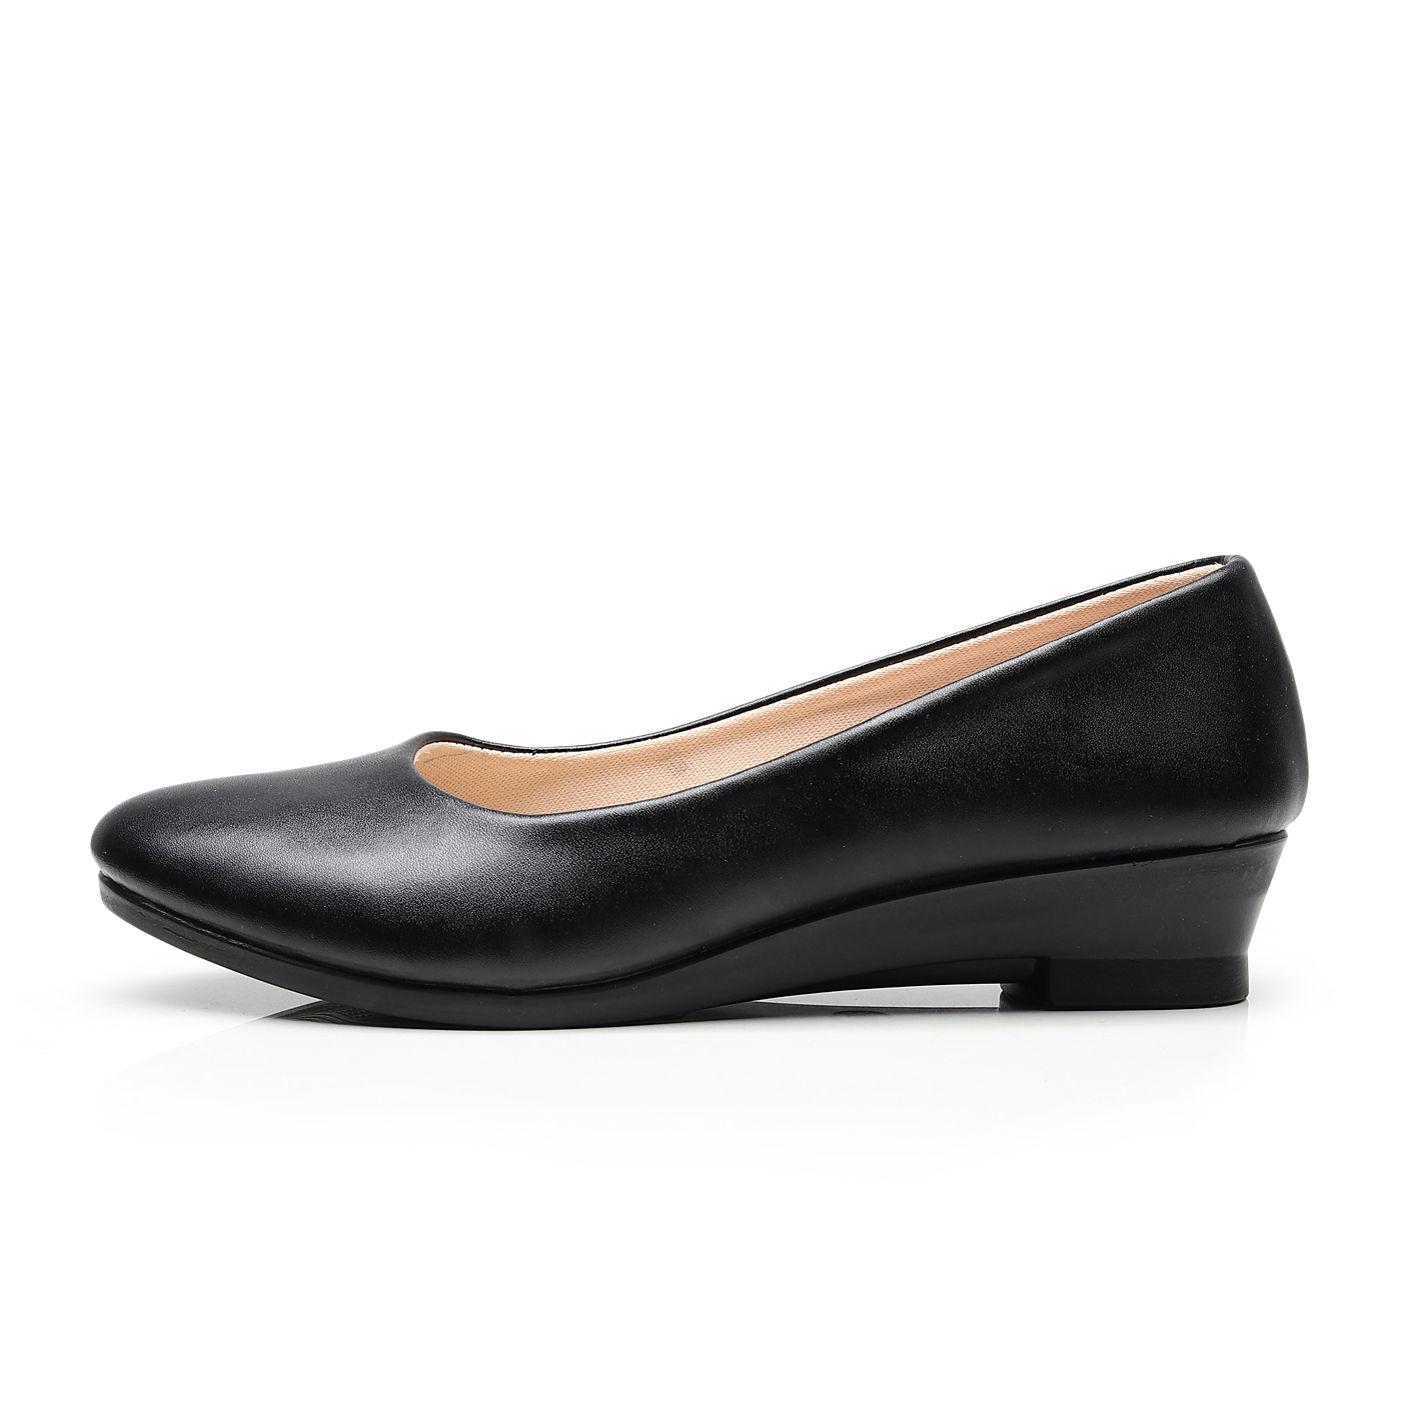 Femmes Ballet chaussures plates noir femmes décontracté PU cuir chaussures pour bureau travail bateau chaussures tissu doux mocassins femmes classiques chaussure